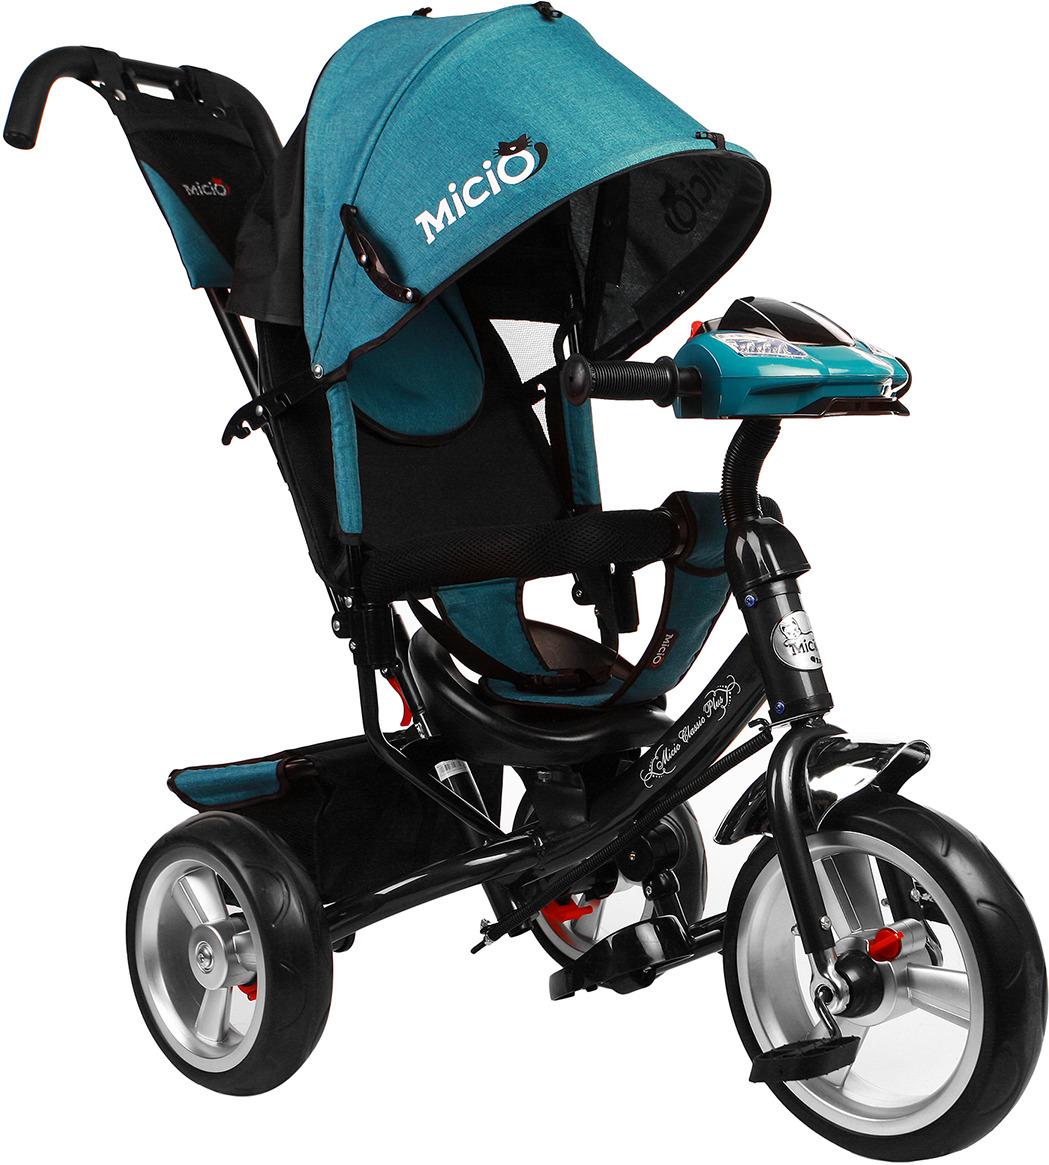 Велосипед трехколесный детский Micio Classic Plus 2019, 3871486, темно-зеленый